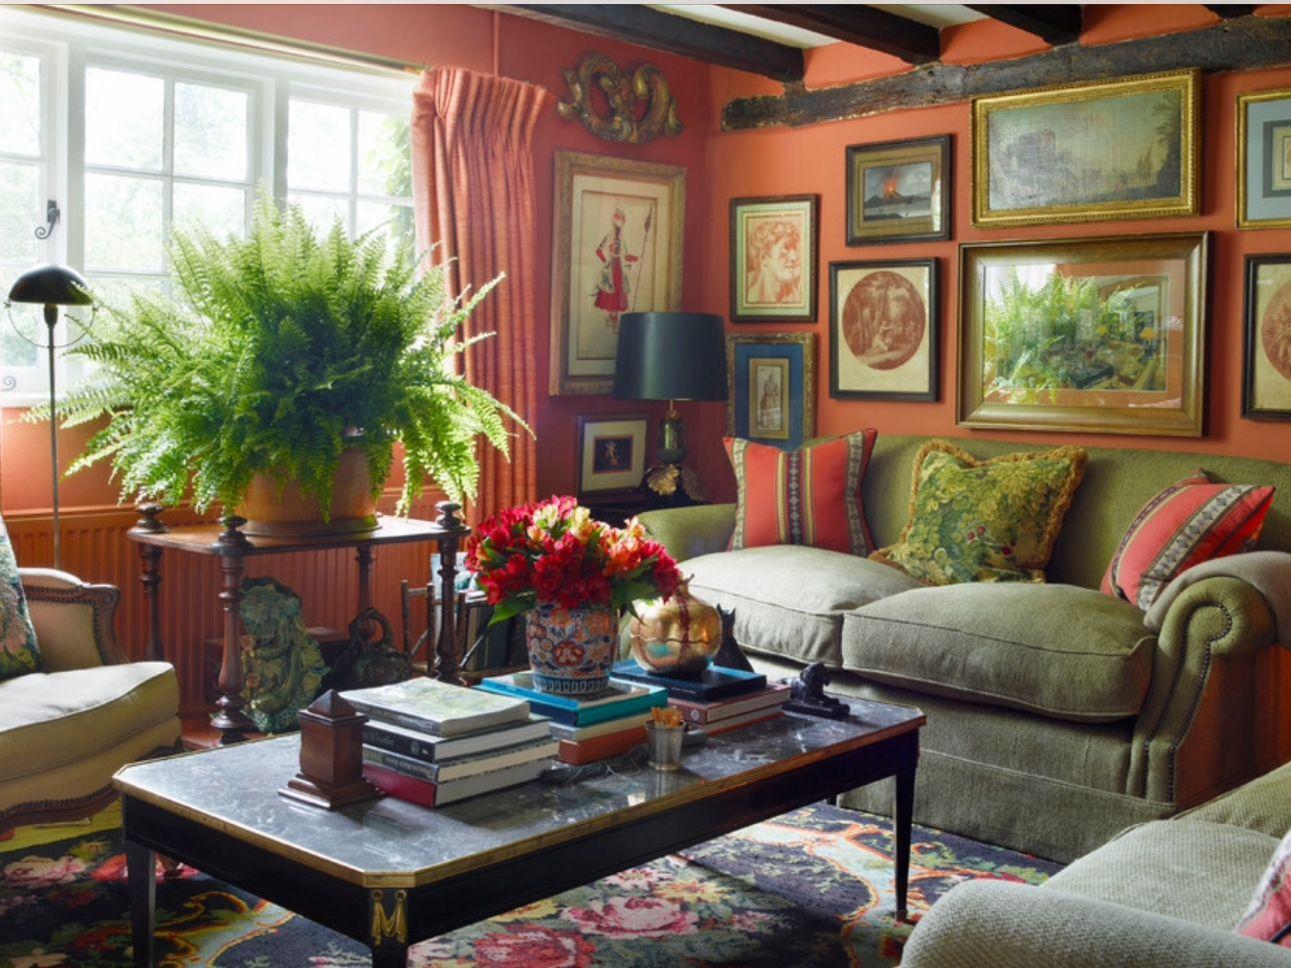 Englischer landhausstil wohnzimmer  Pin von Eugenia Quiroba auf Green | Pinterest